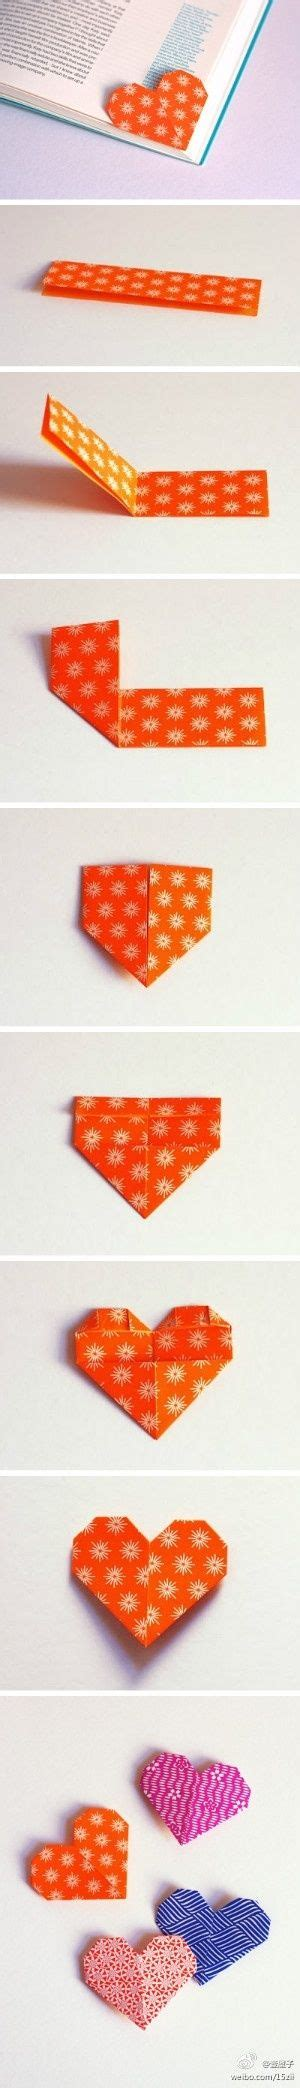 Origami Page Marker - marcador de pagina fabiana artesanato